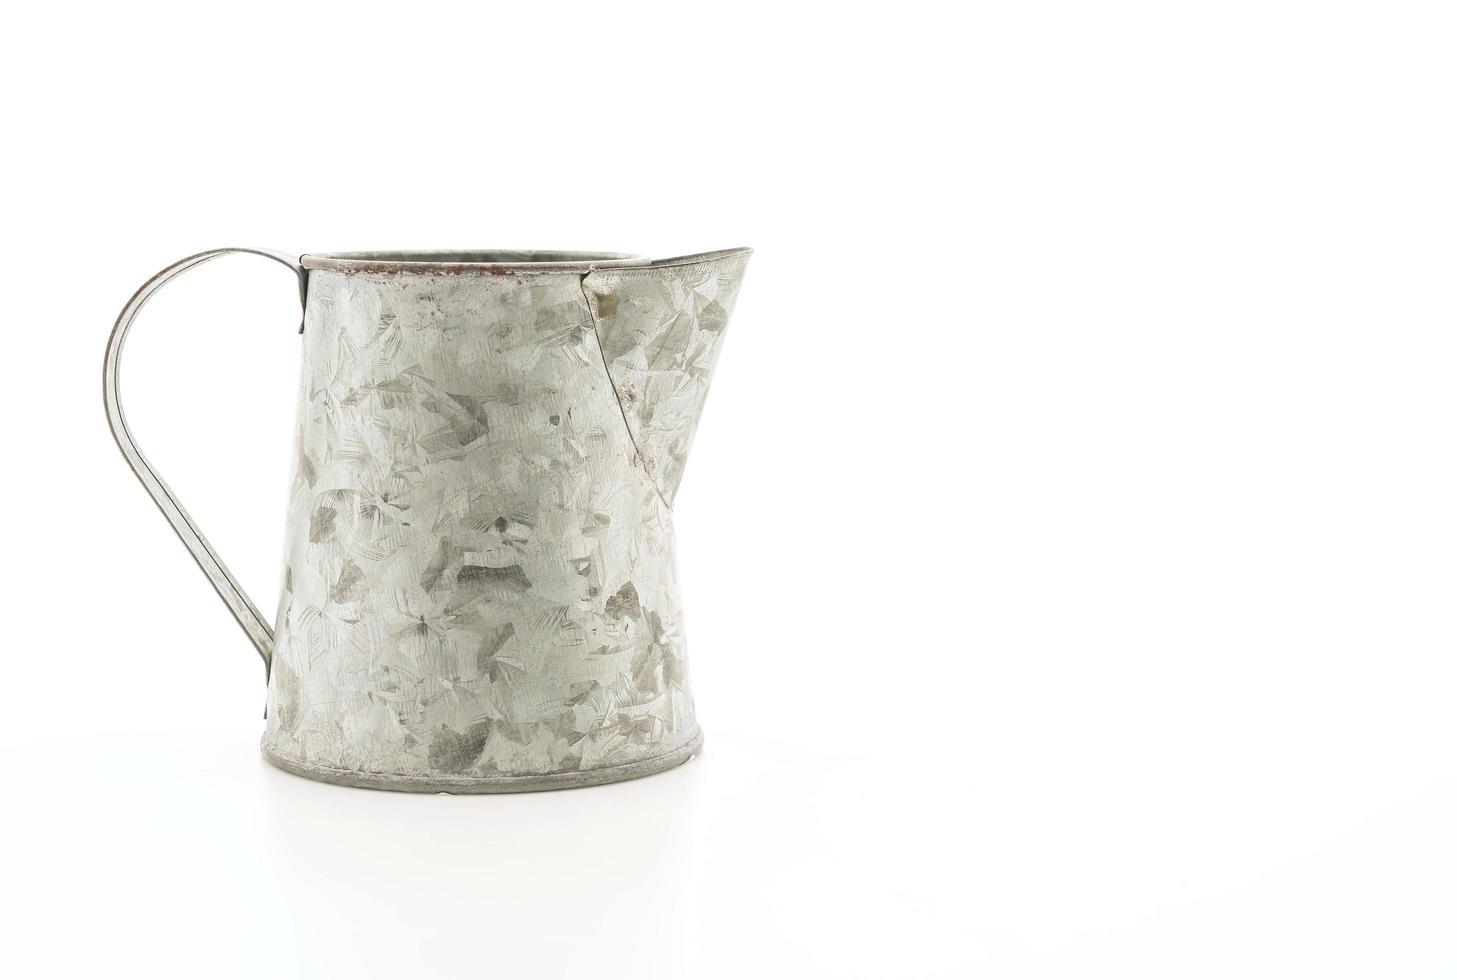 cruche de fer sur fond blanc photo